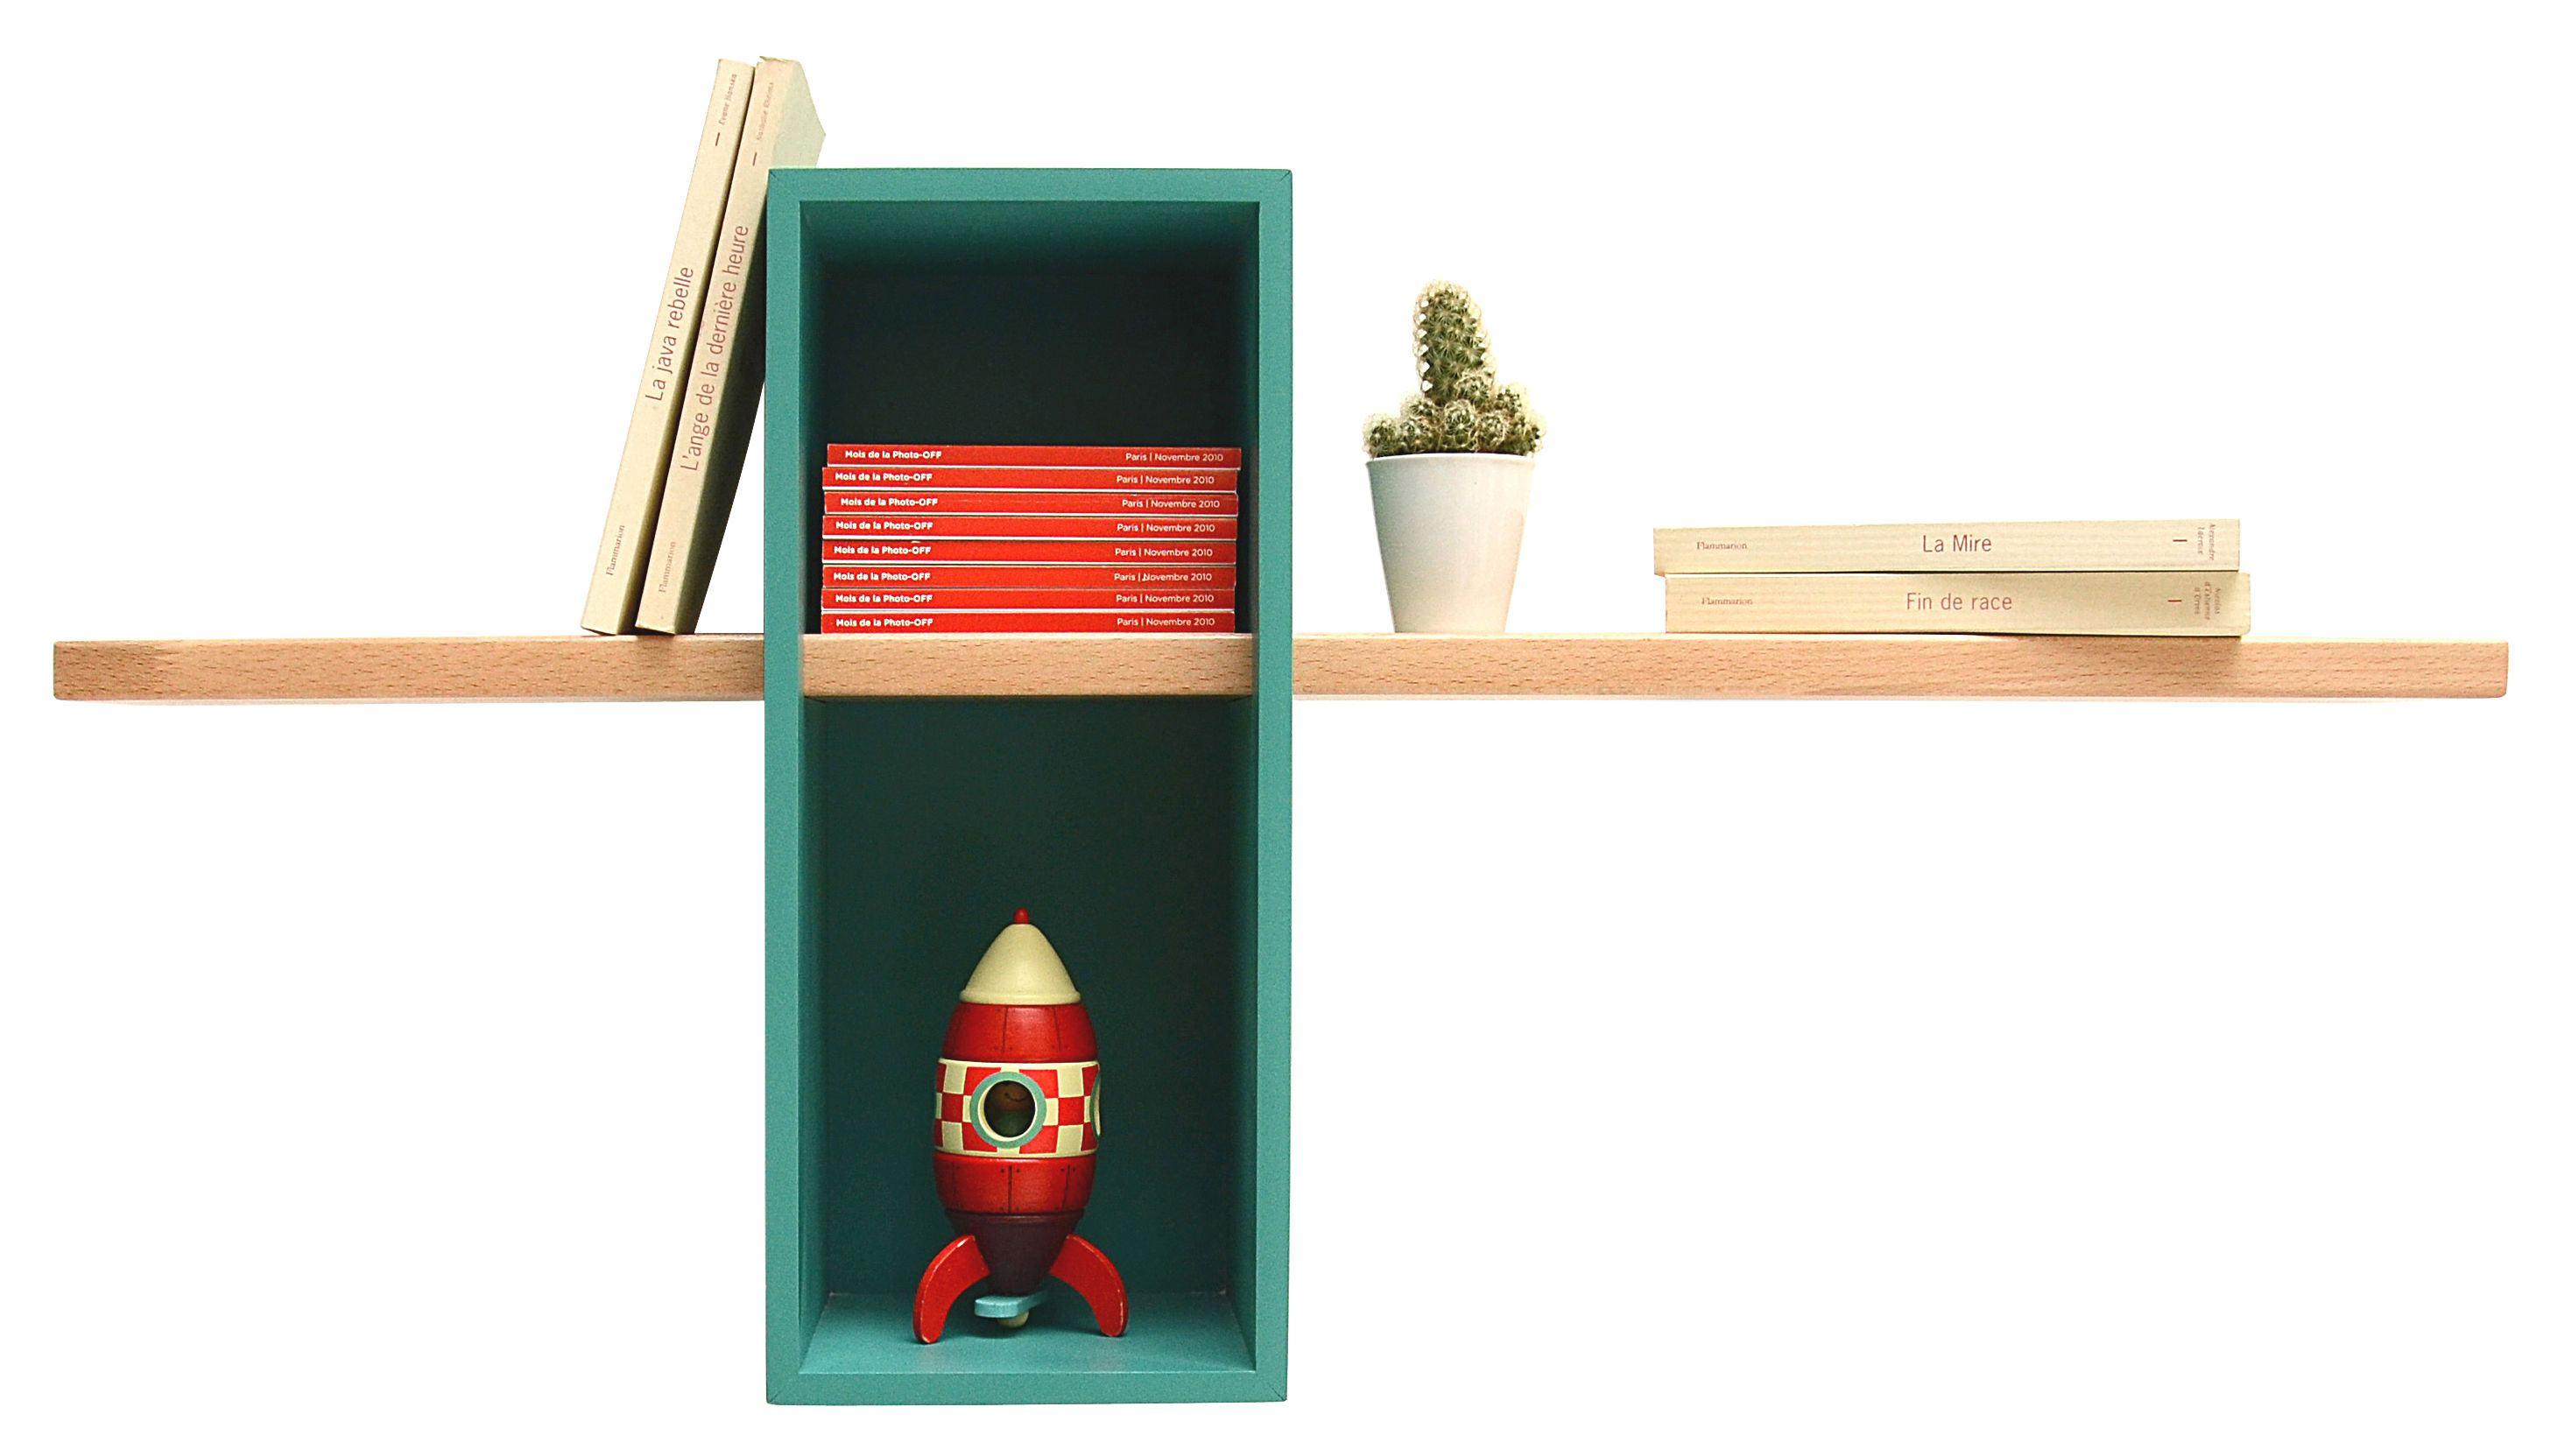 Étagères design - L'étagère Maxpar Olivier Chabaud 1